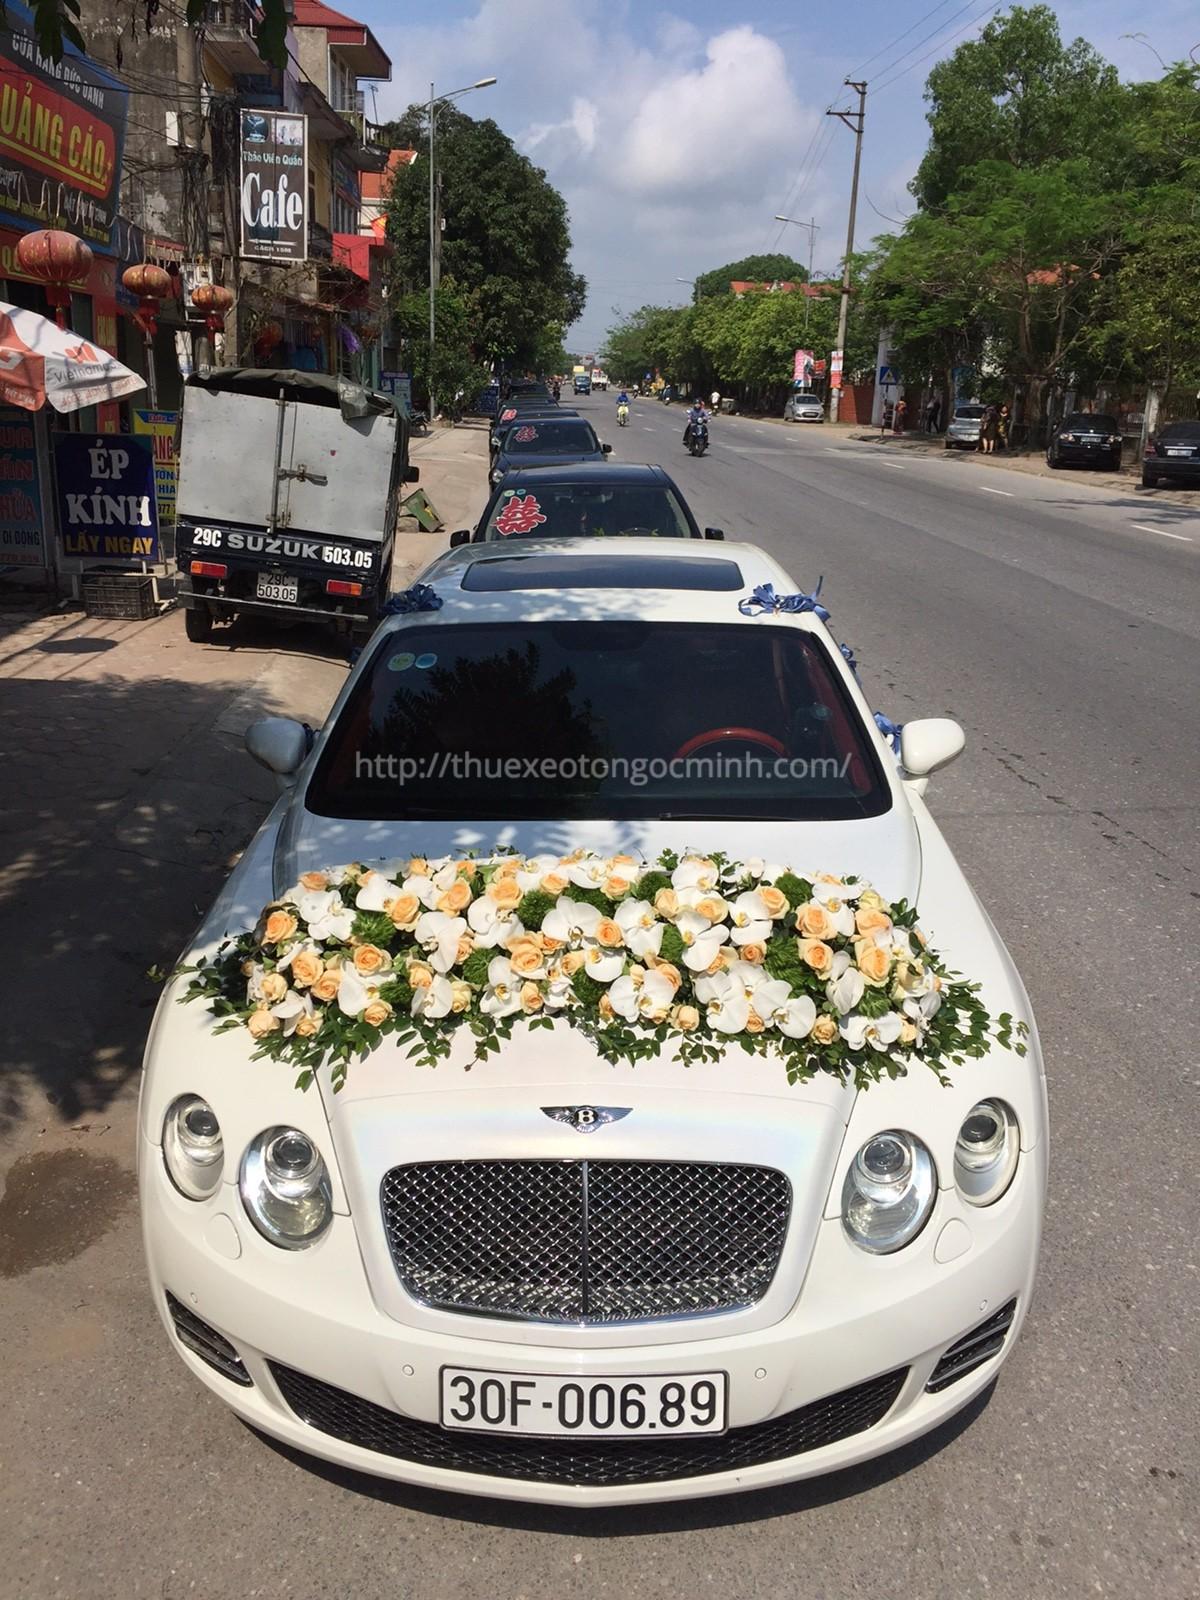 Thuê xe cưới đẹp tại công ty Ngọc Minh